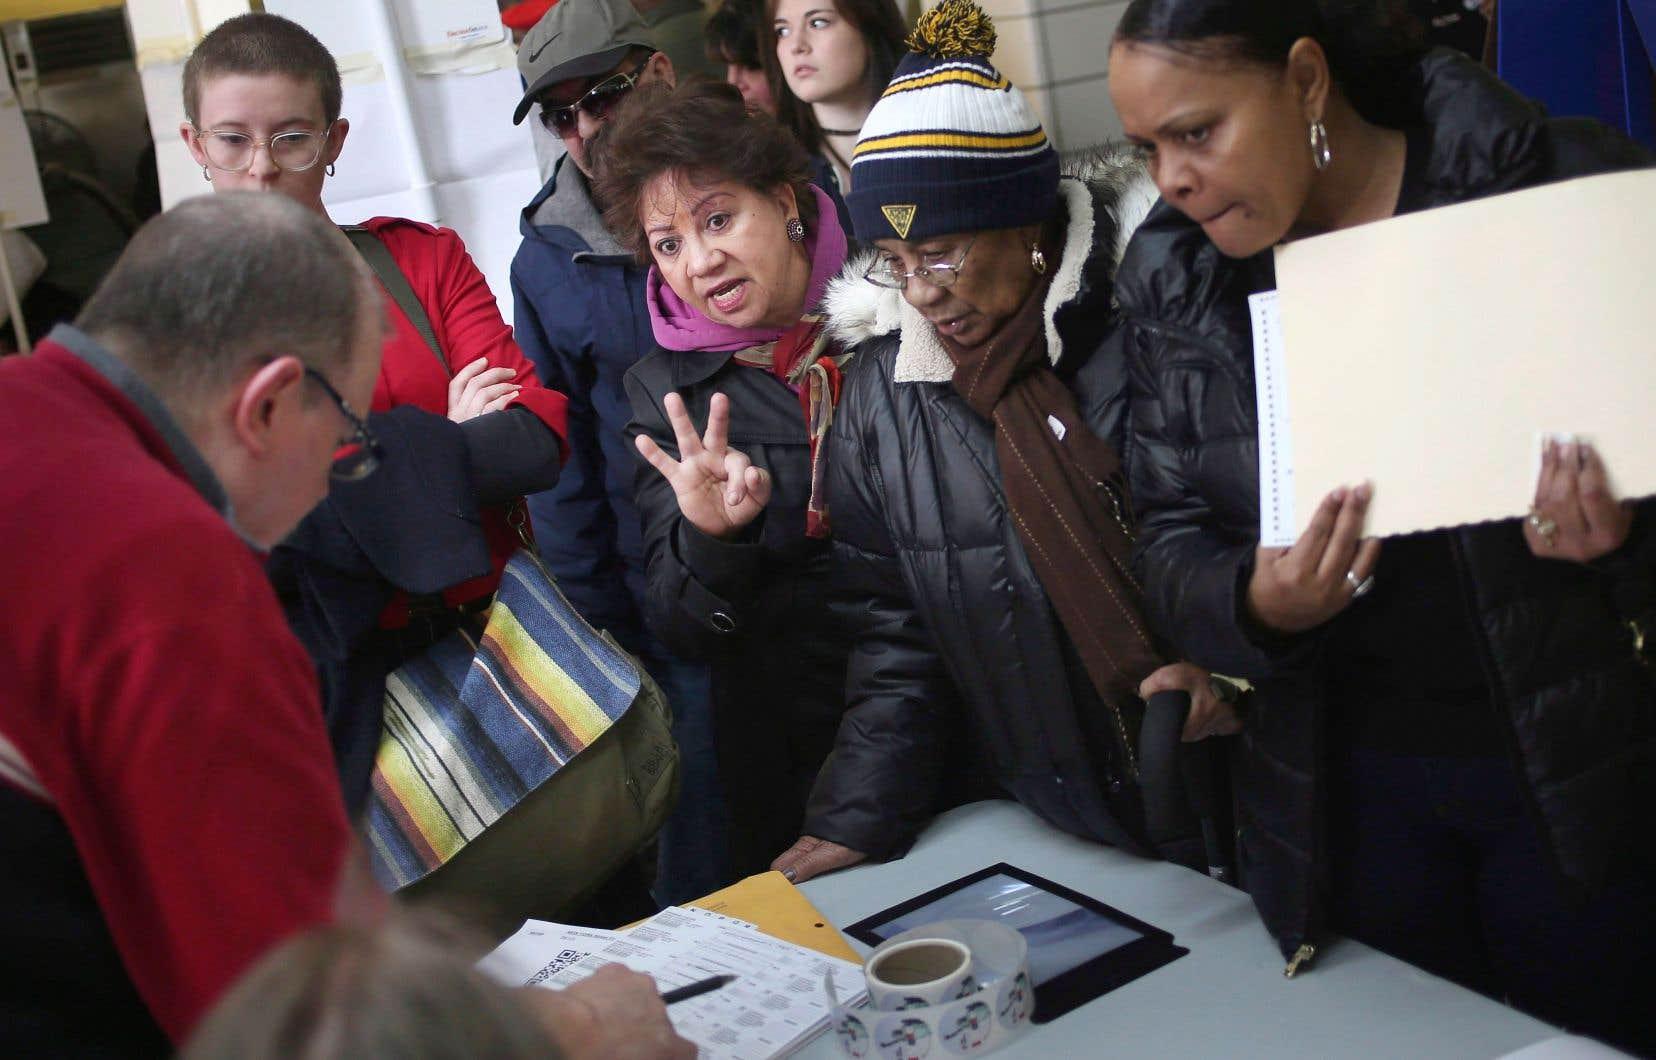 Des électeurs le jour de l'élection de Donald Trump, le 8 novembre 2016. Une organisation basée à Saint-Pétersbourg a mis en place différentes stratégies afin d'abaisser le taux de participation chez les Afro-Américains et d'autres groupes susceptibles de voter pour Hillary Clinton, montrent des rapports.